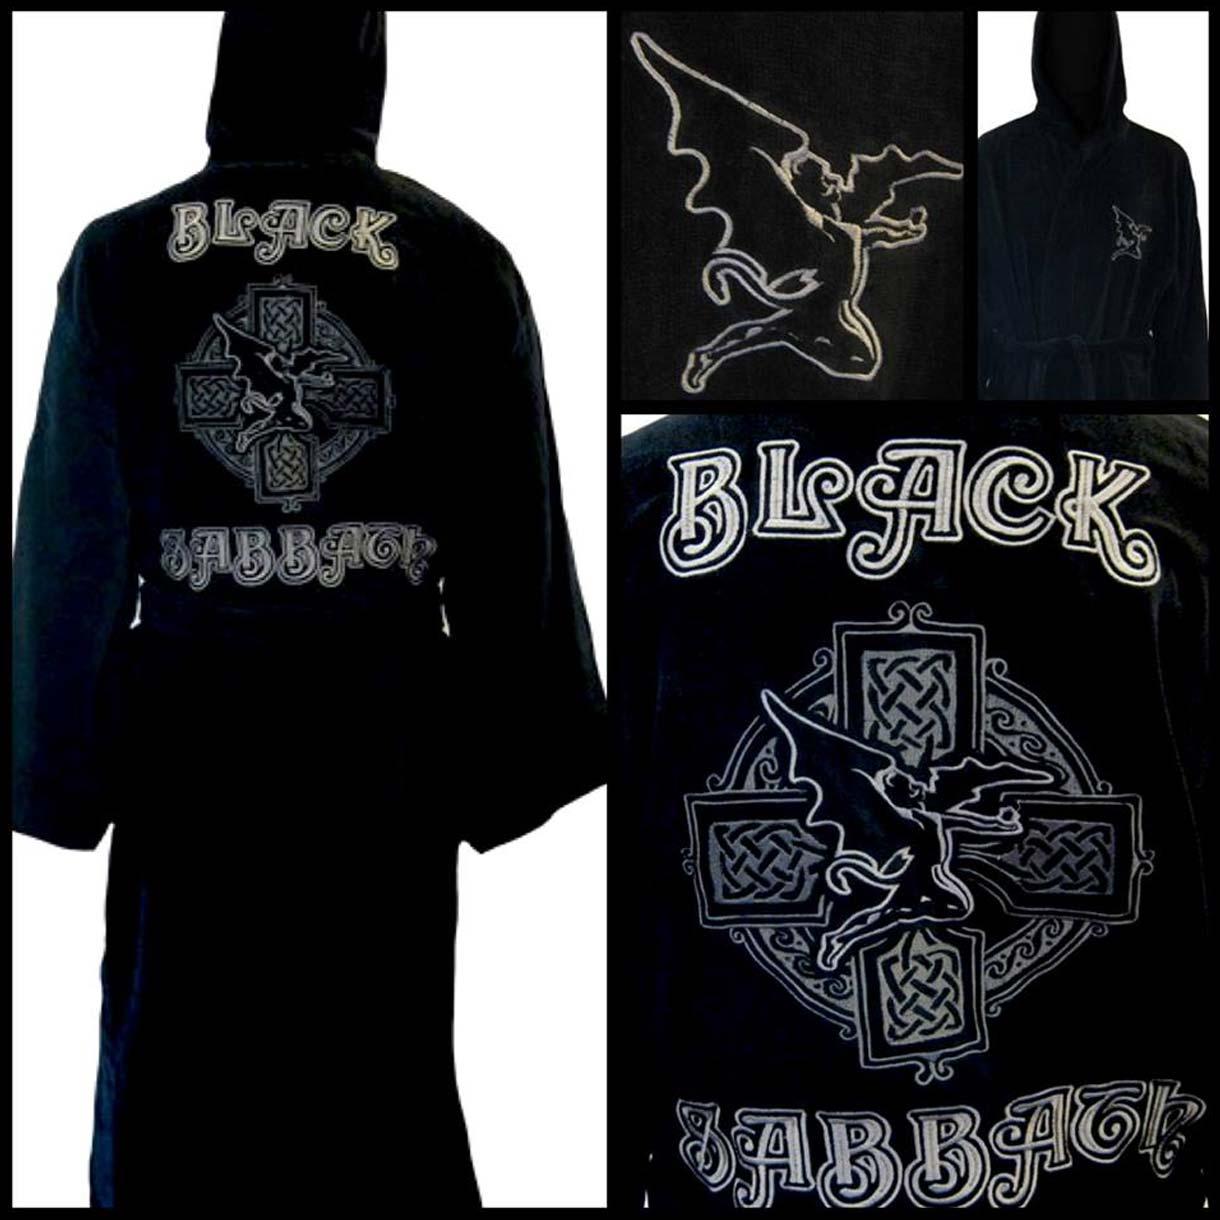 black-sabbath-apparel--accappatoio-vestaglia---semmstore.com-semm-semmmusic-record-store-music-store-semmstore